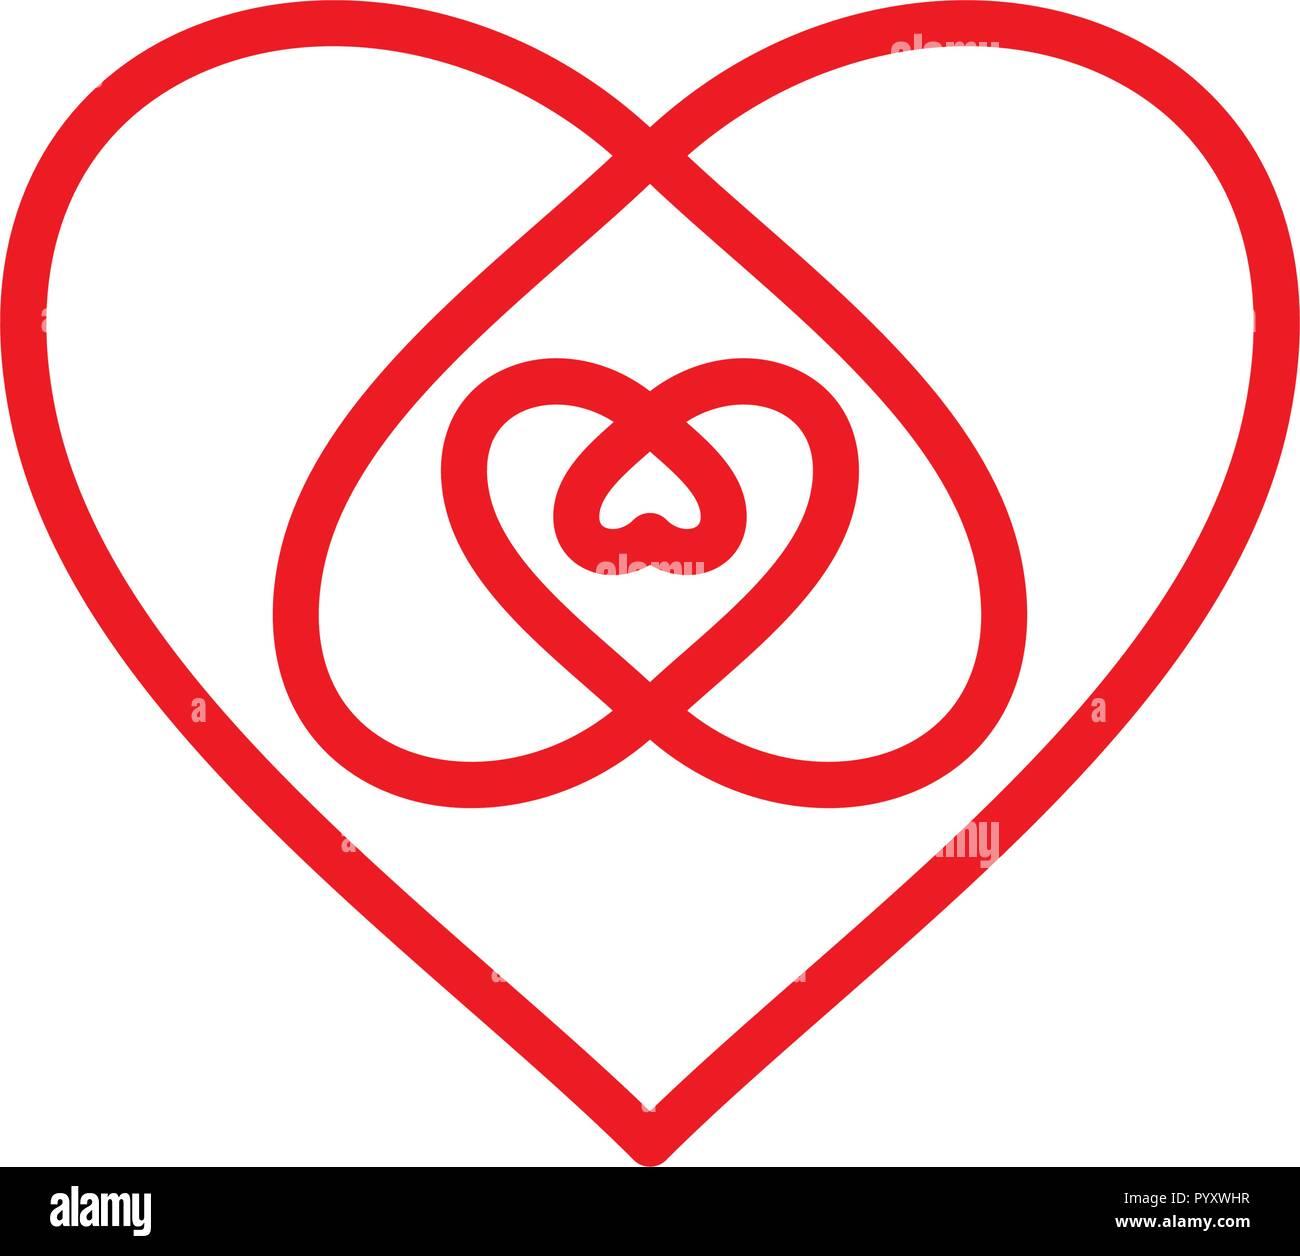 Cuore segno per il giorno di San Valentino. Illustrazione Vettoriale Immagini Stock